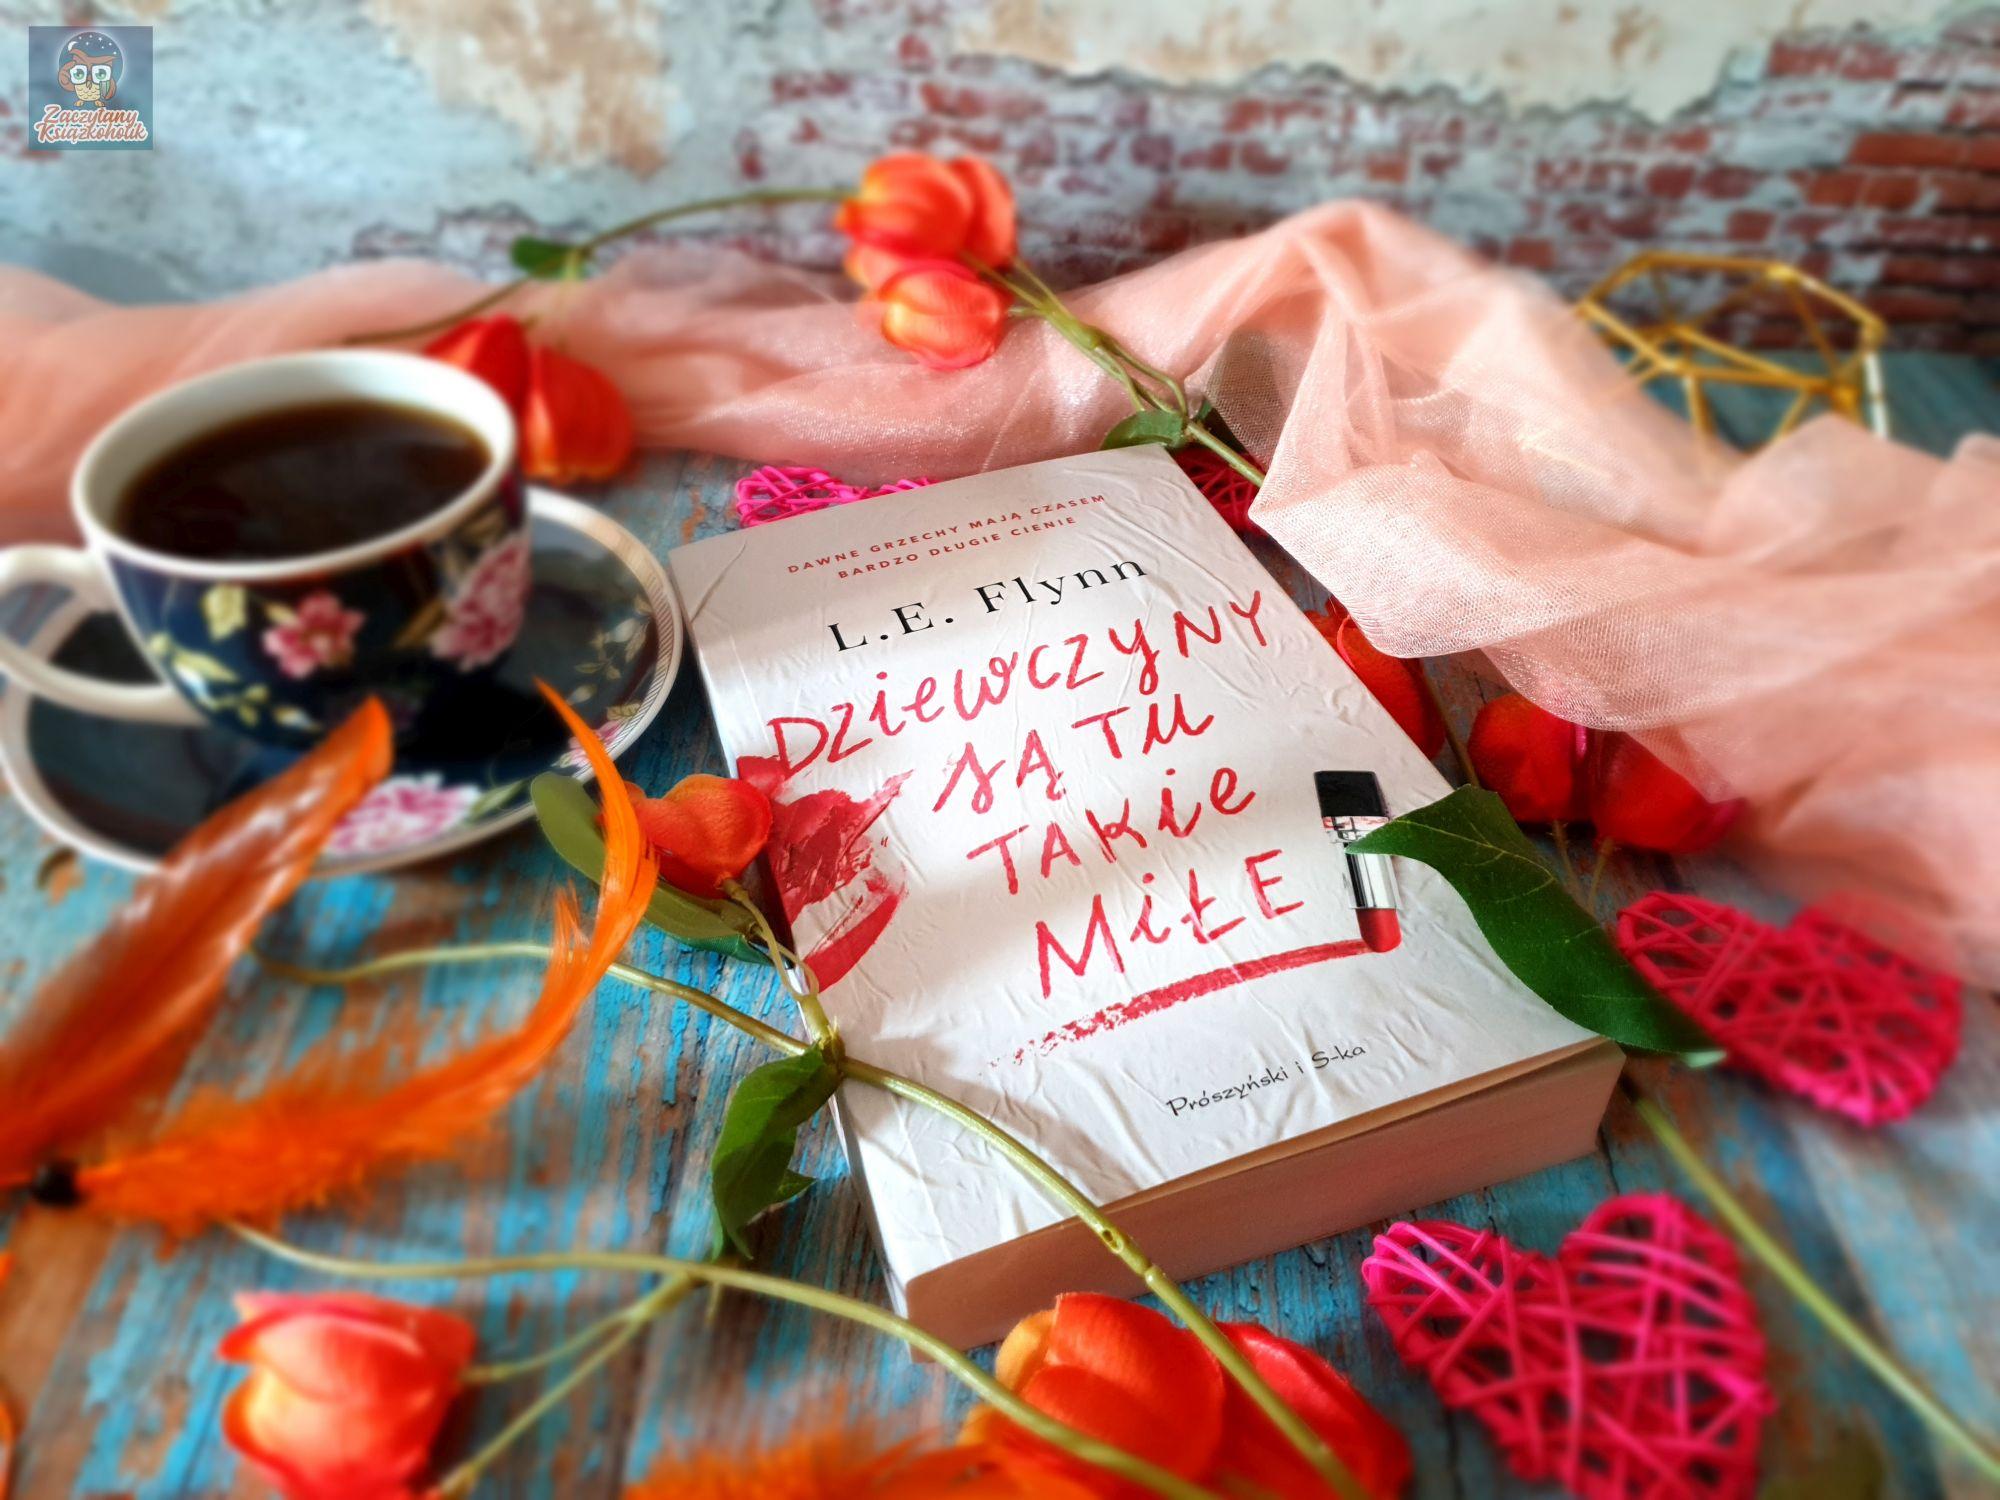 Dziewczyny są tu takie miłe, Laurie Elizabeth Flynn, zaczytanyksiazkoholik.pl